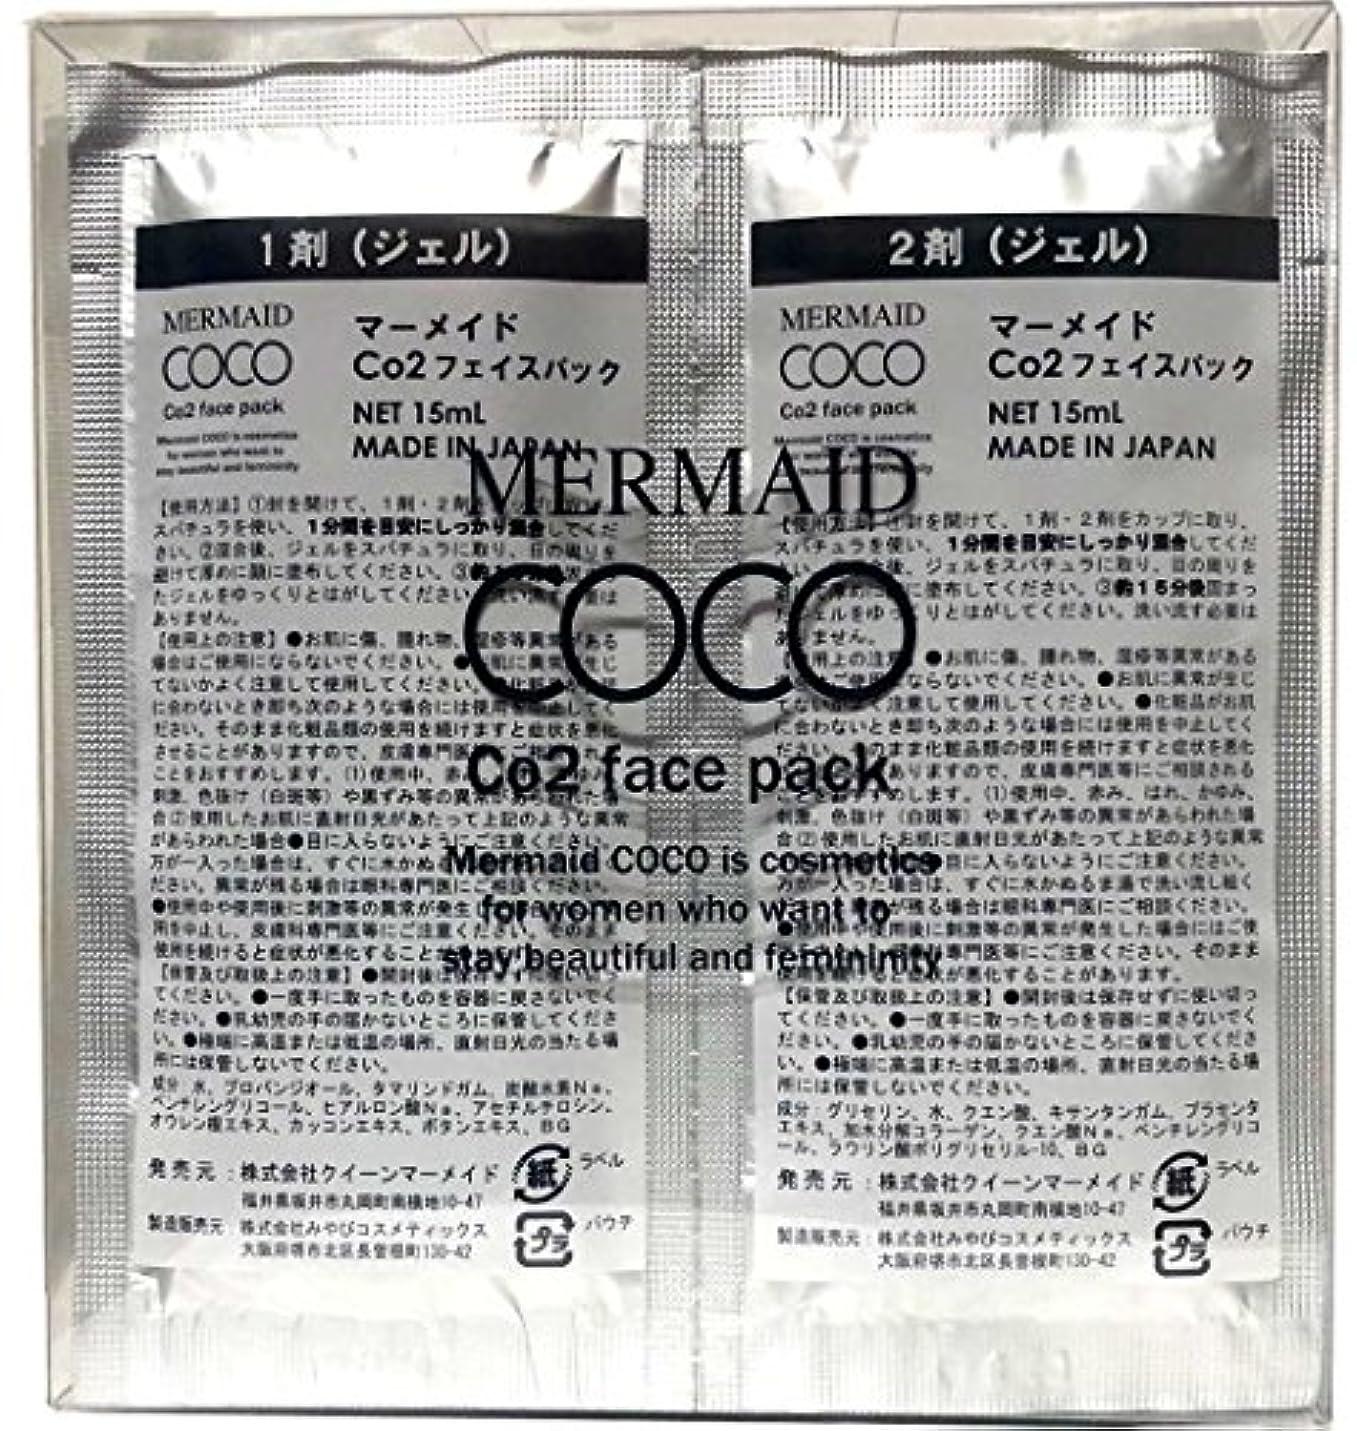 徒歩で囲いチャンピオンマーメイド ココ  MERMAID COCO Co2 フェイスパック 10回分